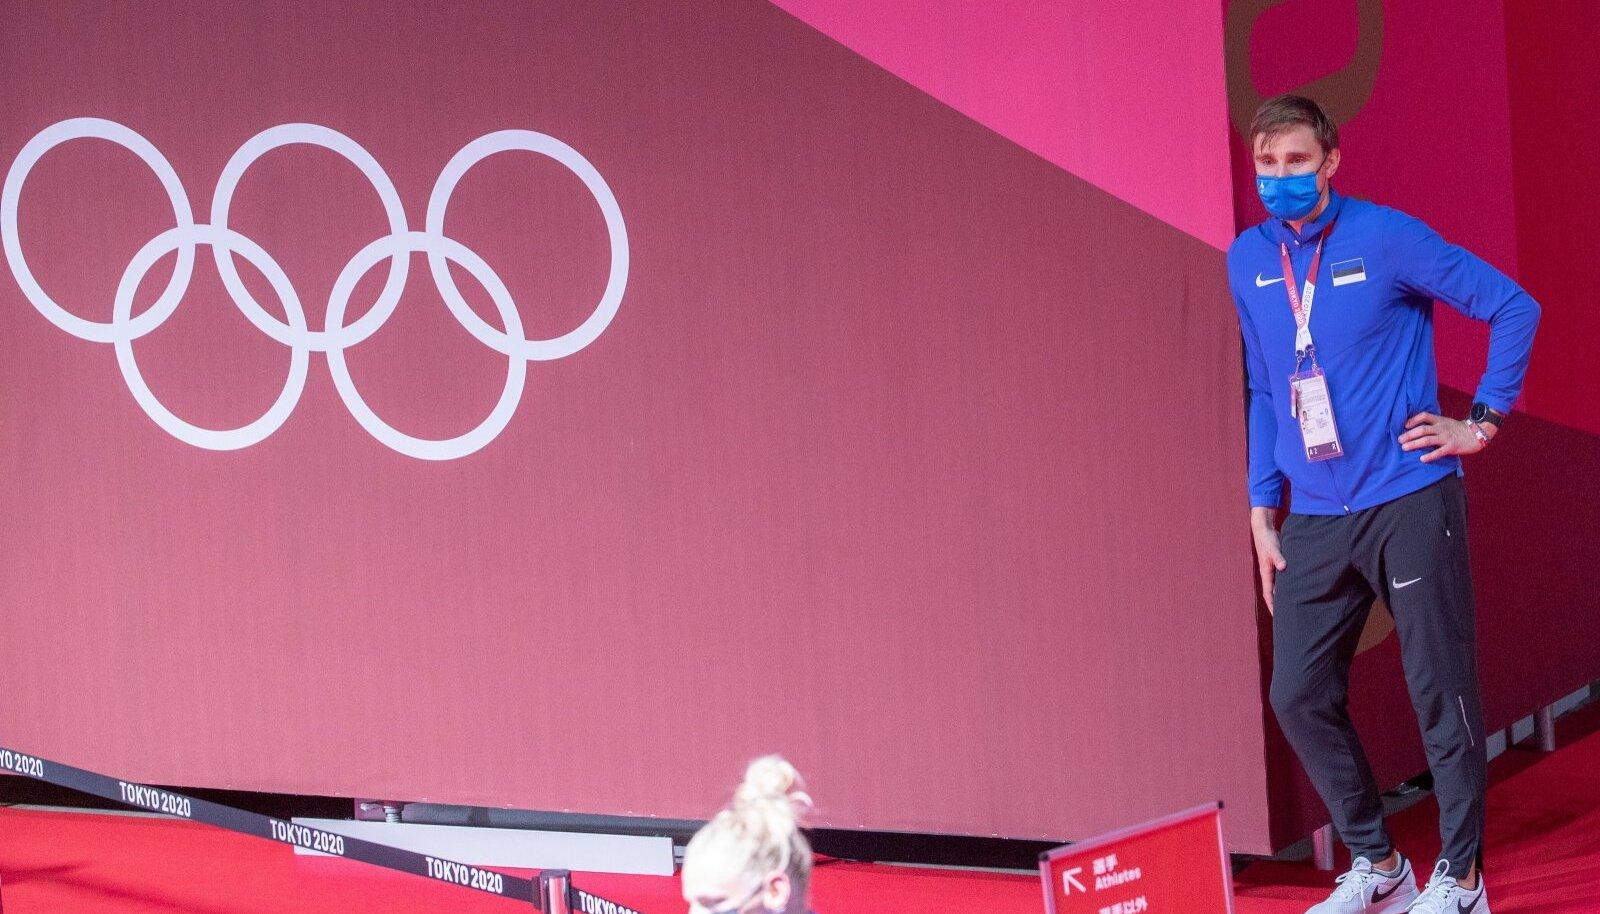 Töö on tehtud, Nikolai Novosjolov saab rahuliku südamega vaadata, kuidas Katrina Lehis olümpiamängude pronksi võitjana intervjuusid jagab.